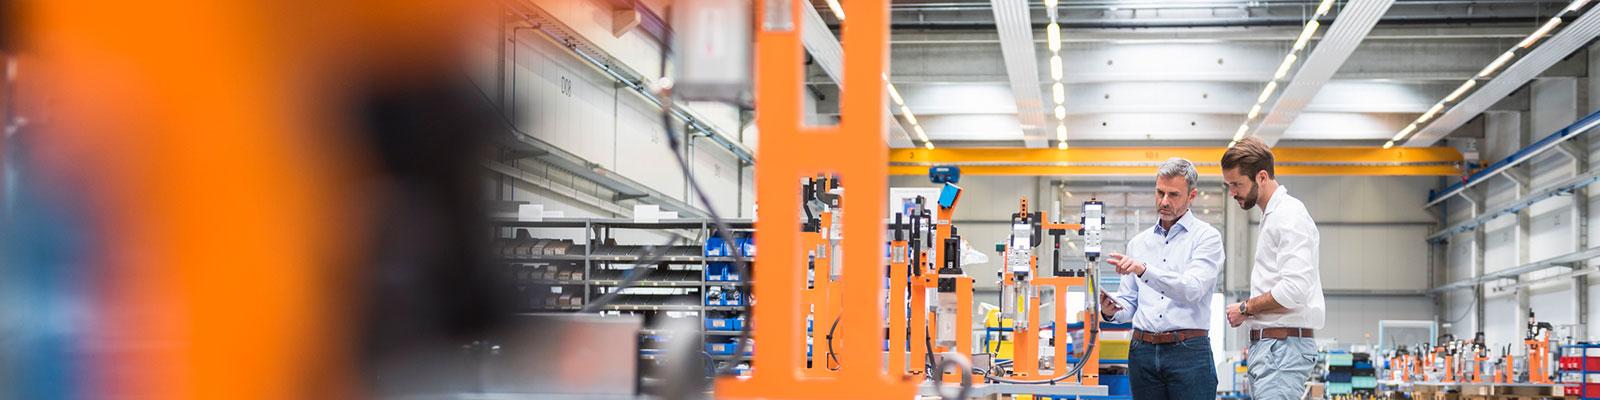 Arbeiter in einem Unternehmen zu den Schwerpunkten der Wirtschaftspolitik; Quelle: Getty Images/Monty Rakusen